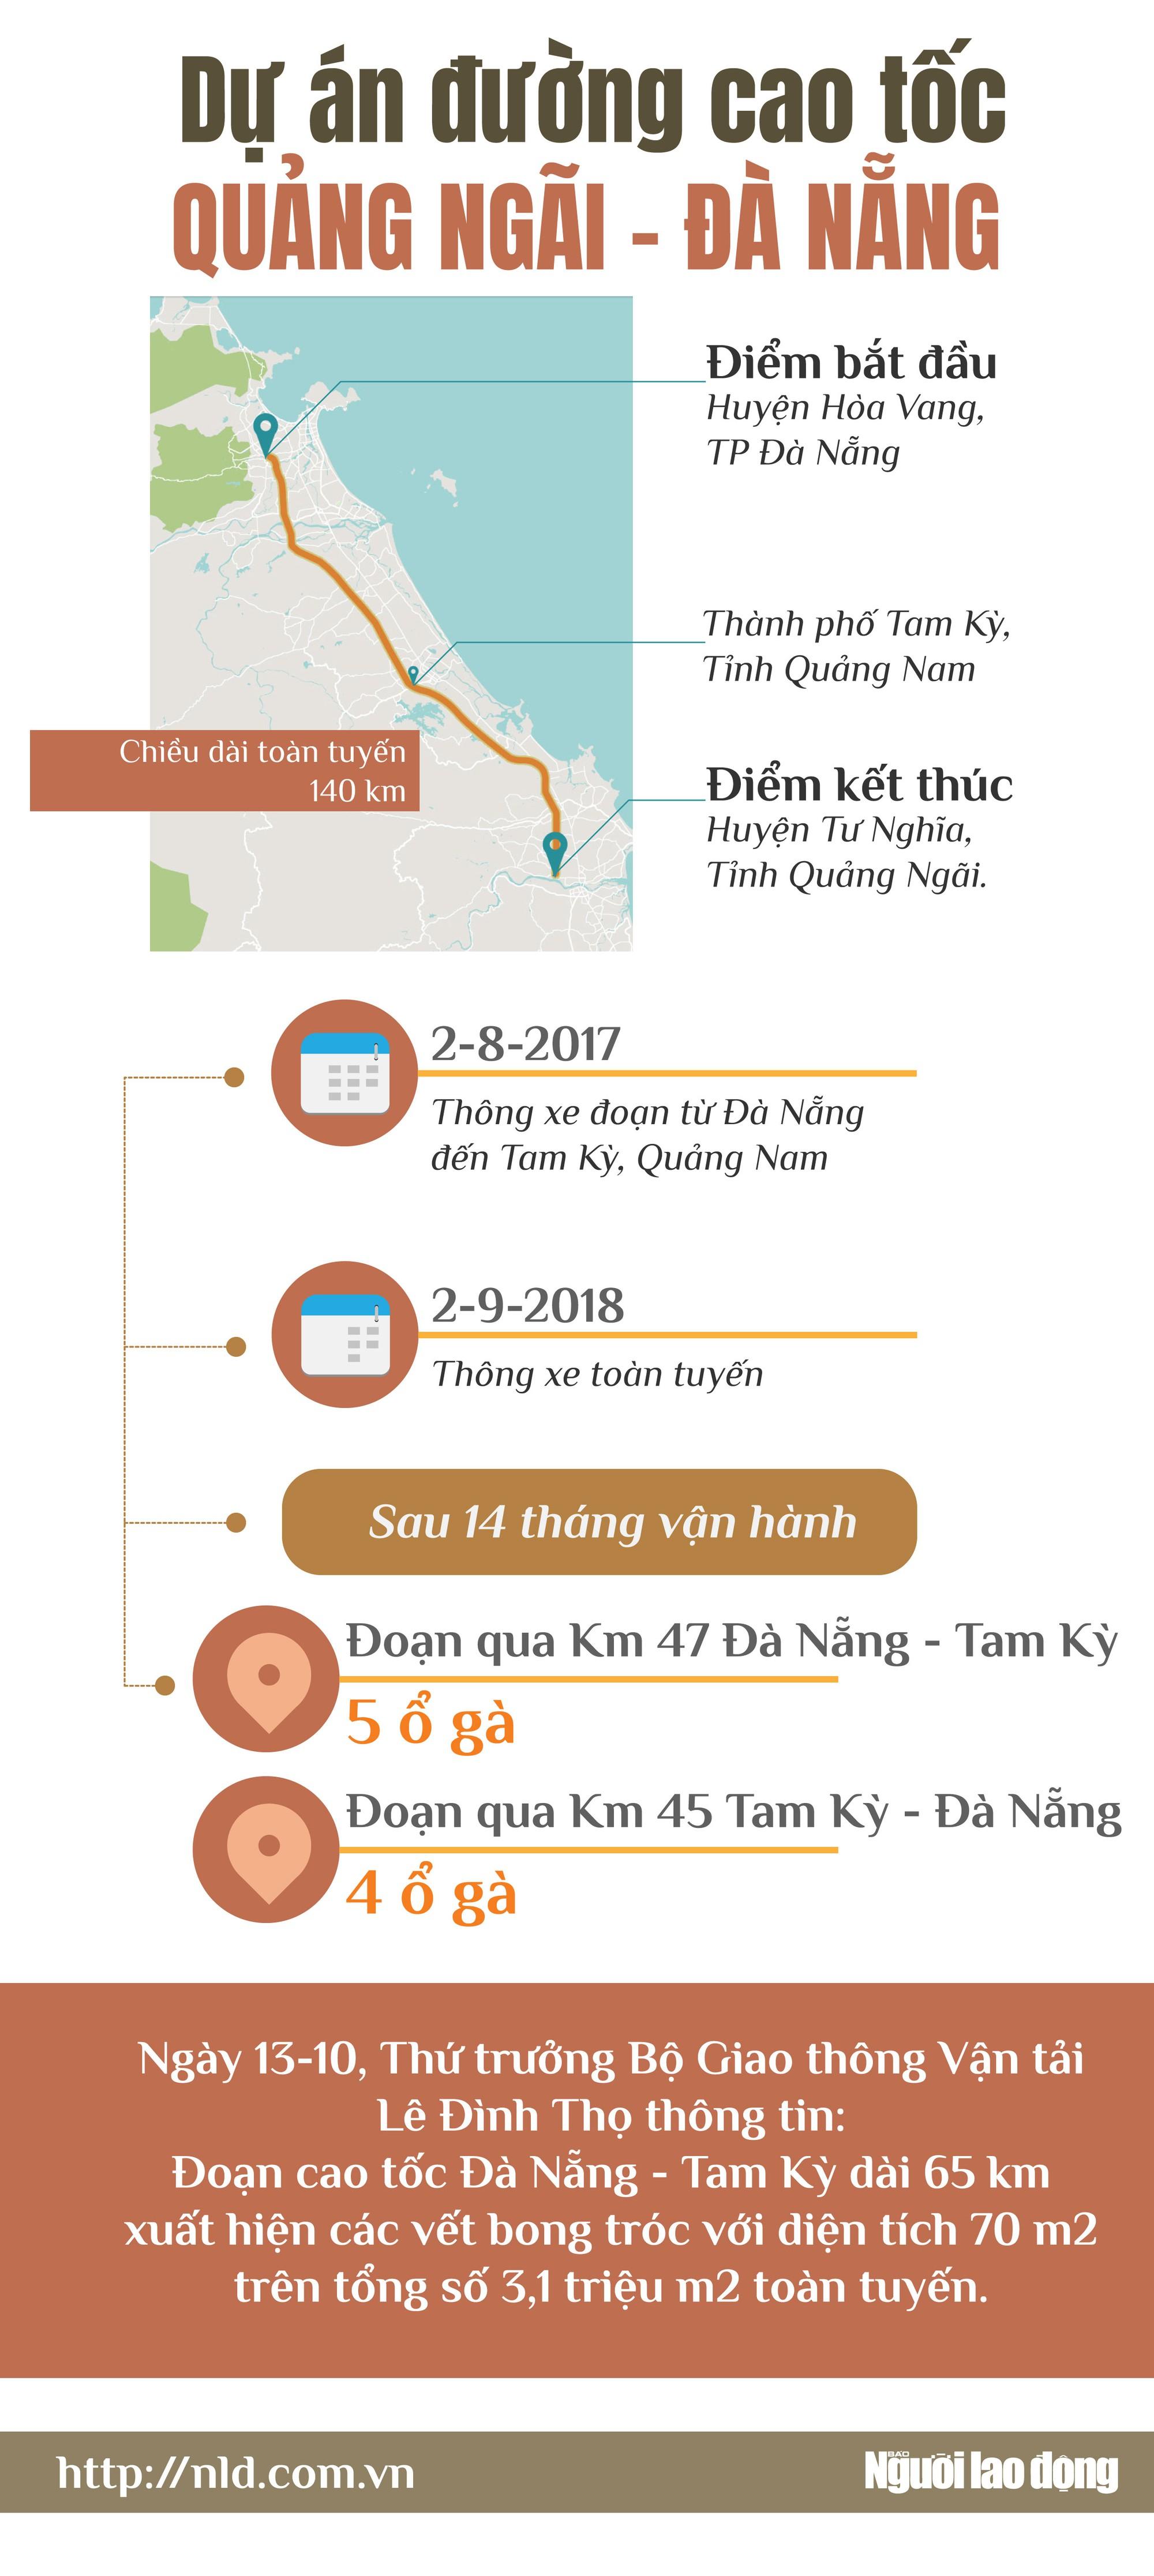 """(eMagazine) - Ông Lực """"khùng"""" bóc mẽ sai phạm tuyến cao tốc Đà Nẵng - Quảng Ngãi - Ảnh 7."""